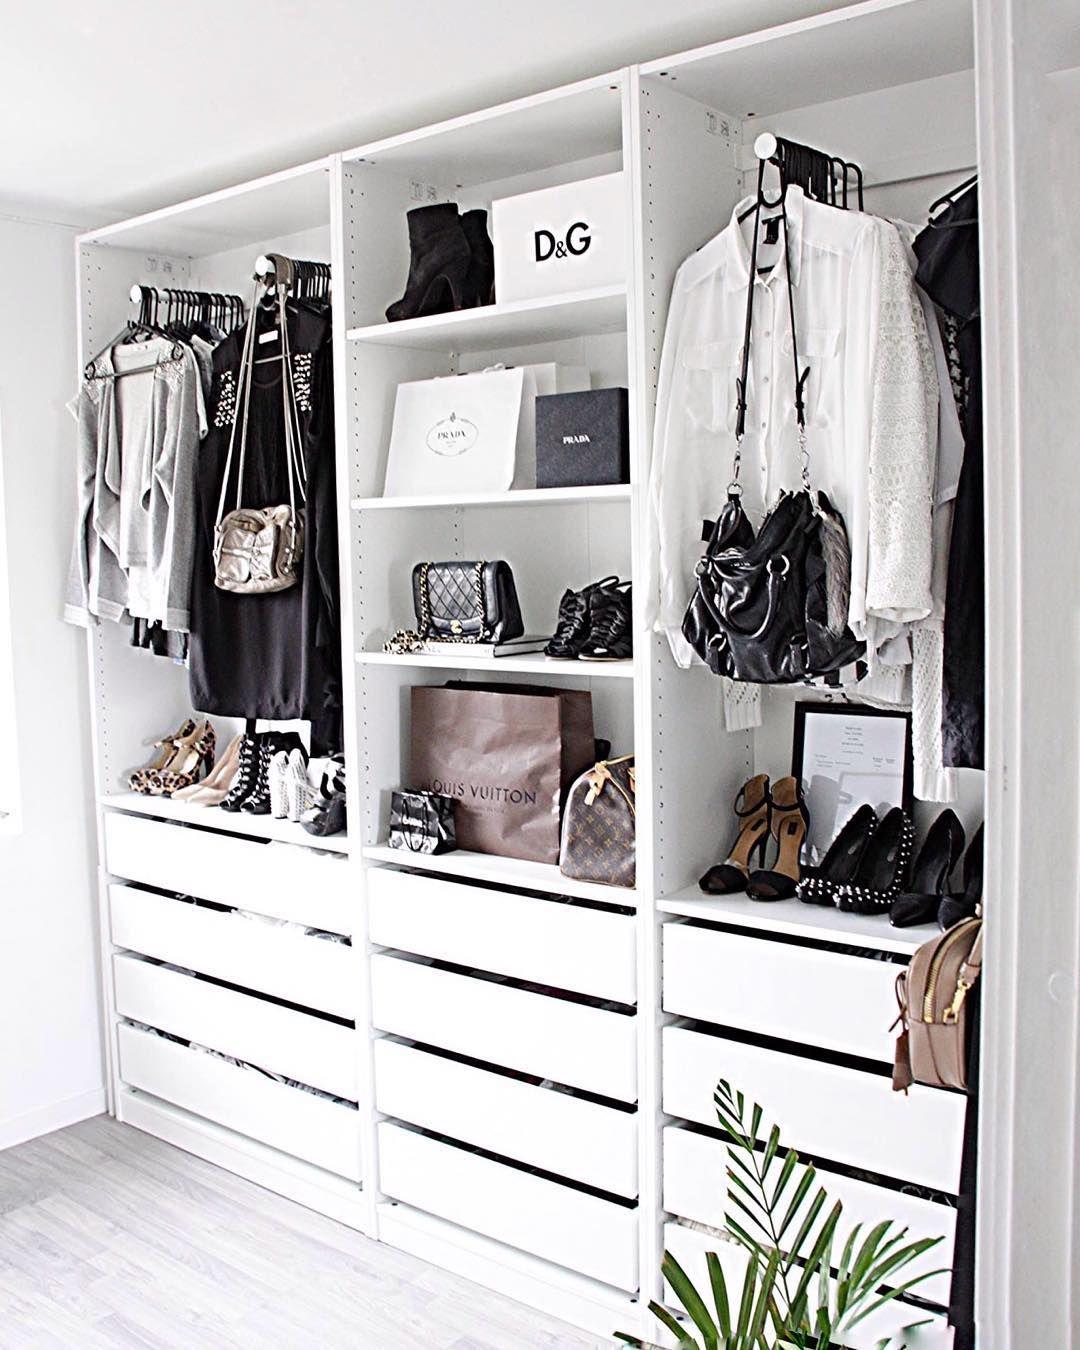 Kleiderschrank Ideen, Schlafzimmer, Ordnung Halten, Ankleidezimmer,  Renovieren, Einrichtung, Haushalte, Einrichten Und Wohnen, Deko